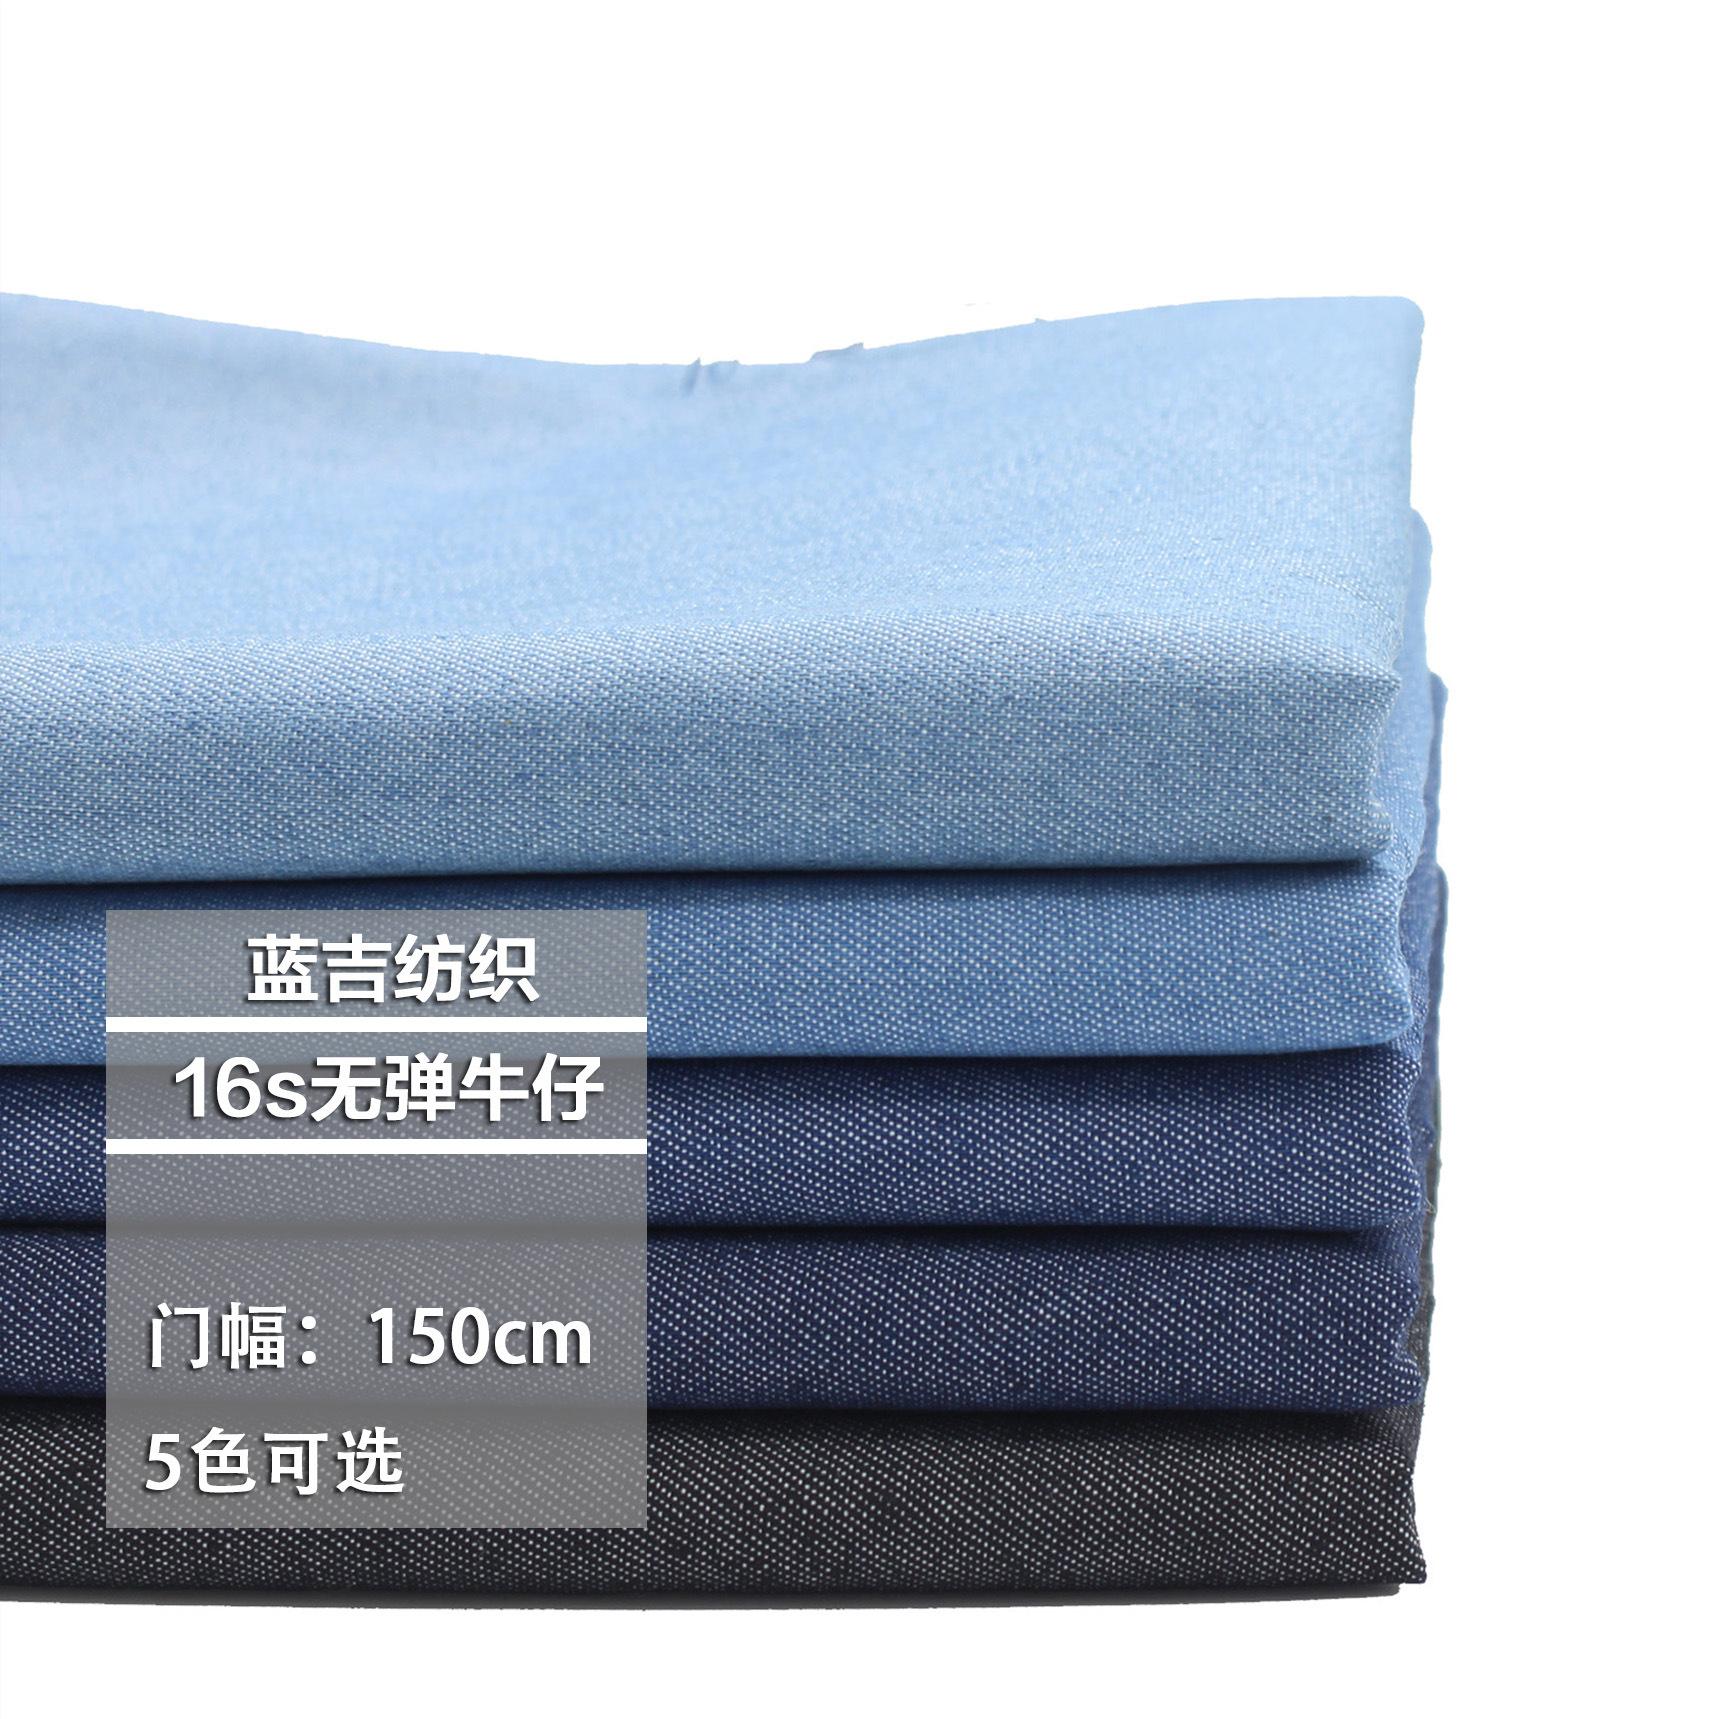 LANJI Vải Jean Chất liệu cotton polyester, giá thấp, vải denim, quần chống muỗi, denim đã giặt, hành